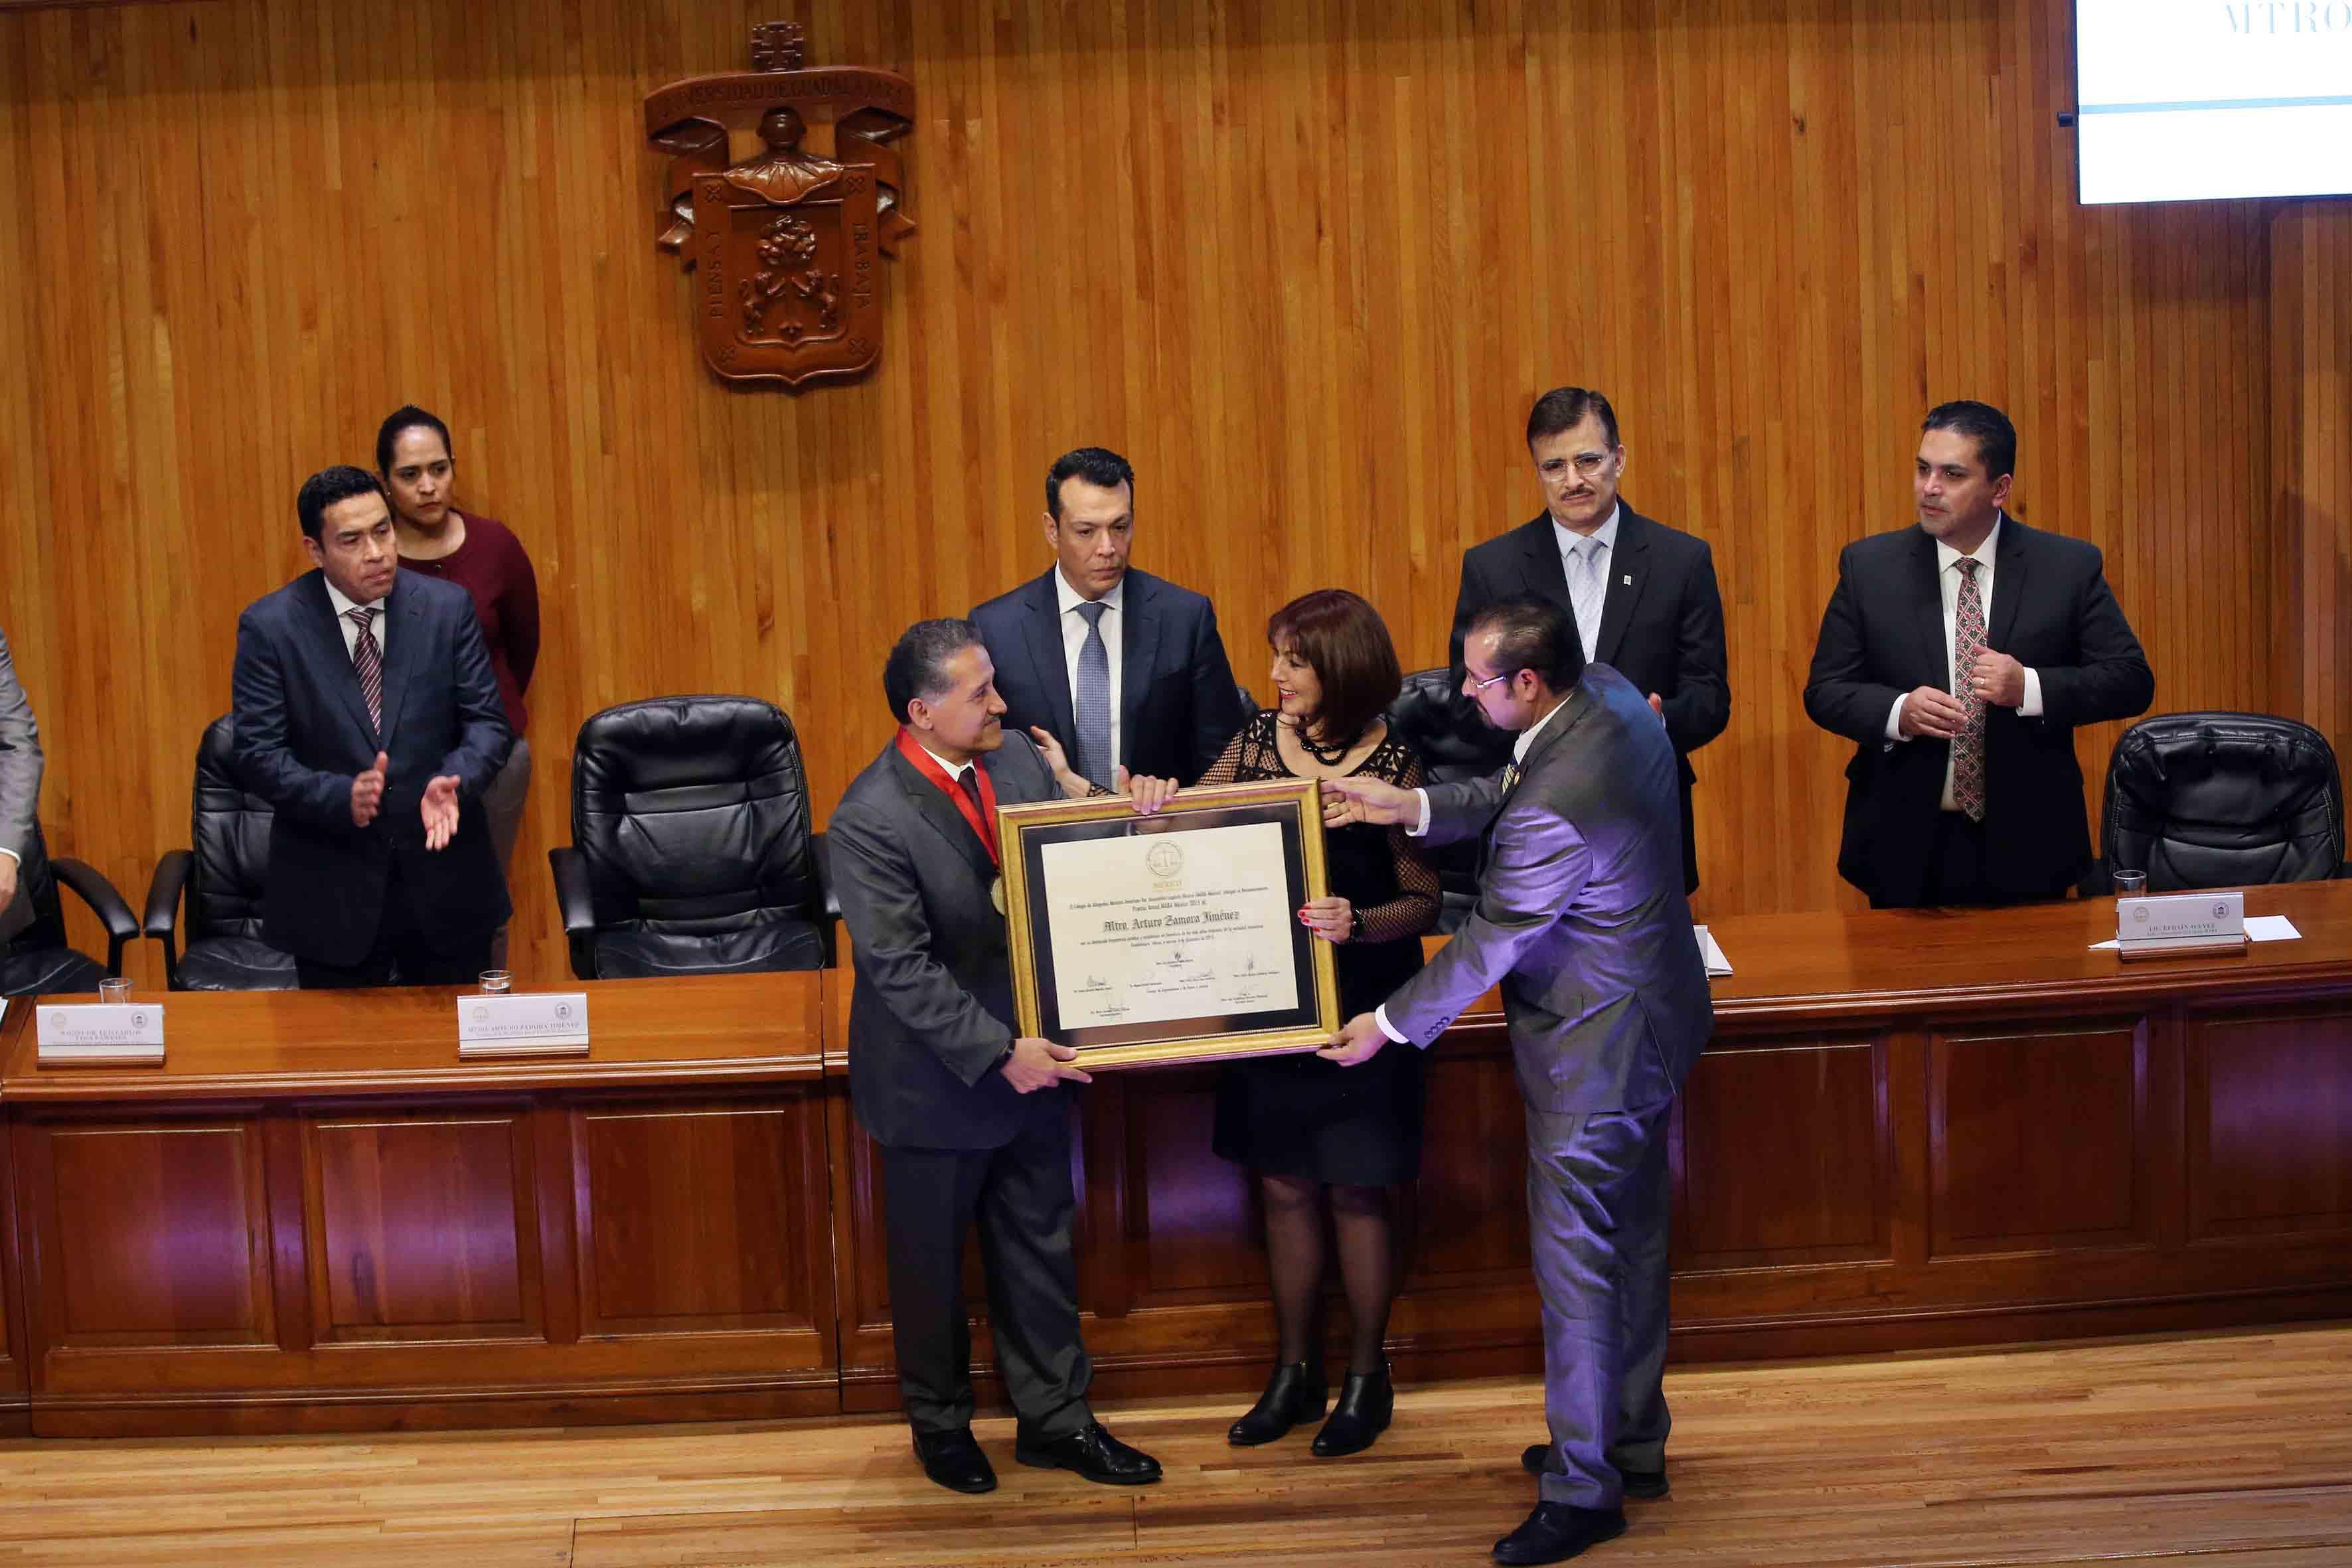 El Senador y maestro Arturo Zamora Jiménez, recibiendo reconocimiento como jurista del año, de parte del Colegio de Barras de Abogados Mexicano-Americano Capítulo México (MABA), por su trayectoria como abogado y sus aportaciones a la ciencia jurídica.